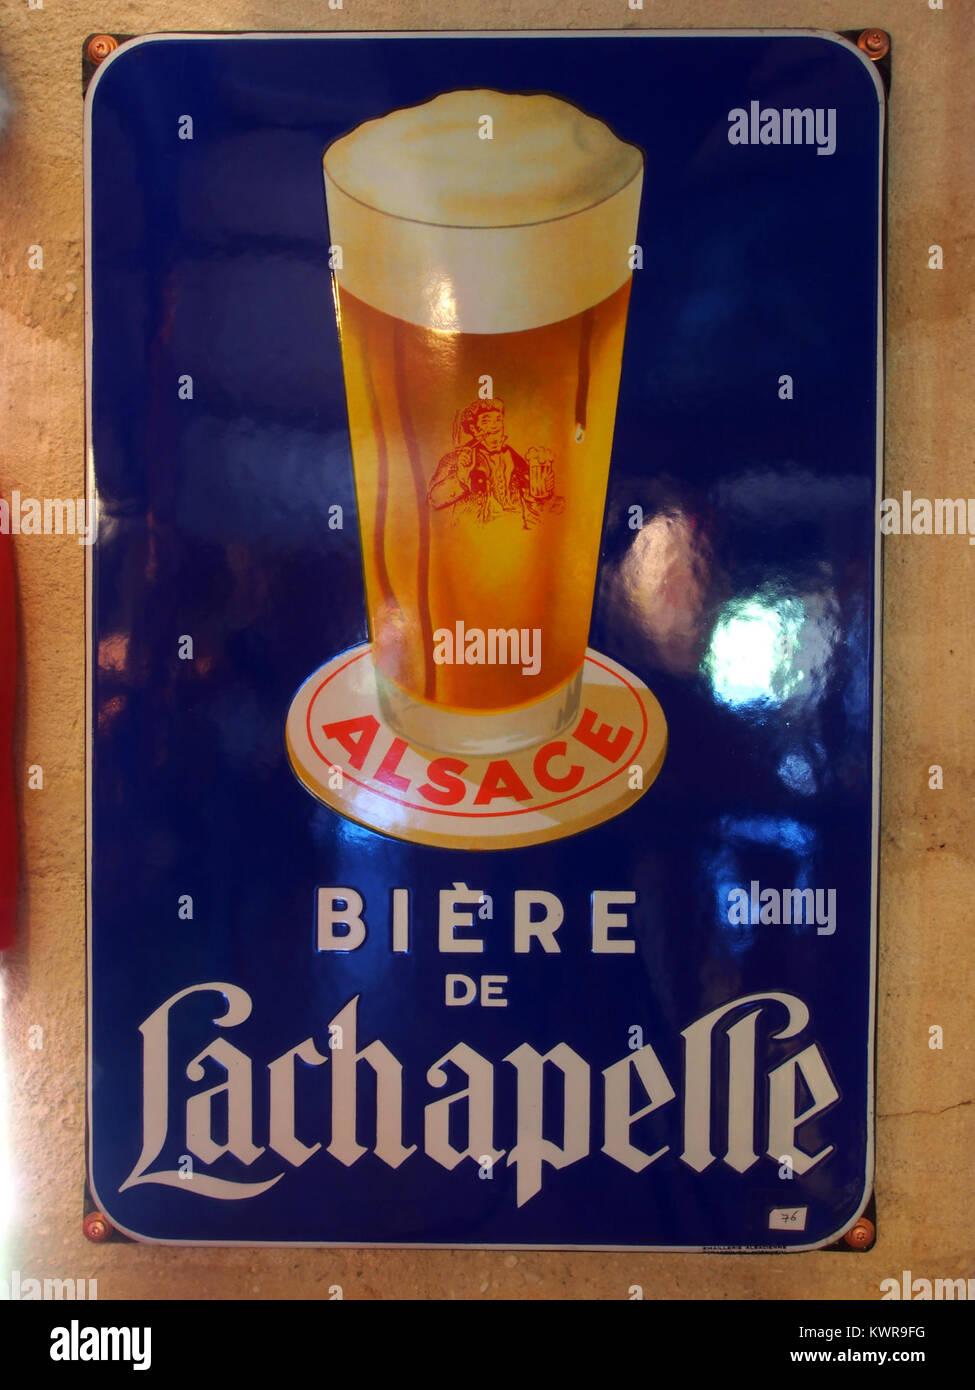 Bière de Lachapelle , enamel advertising sign at the Musée Européen de la Bière - Stock Image